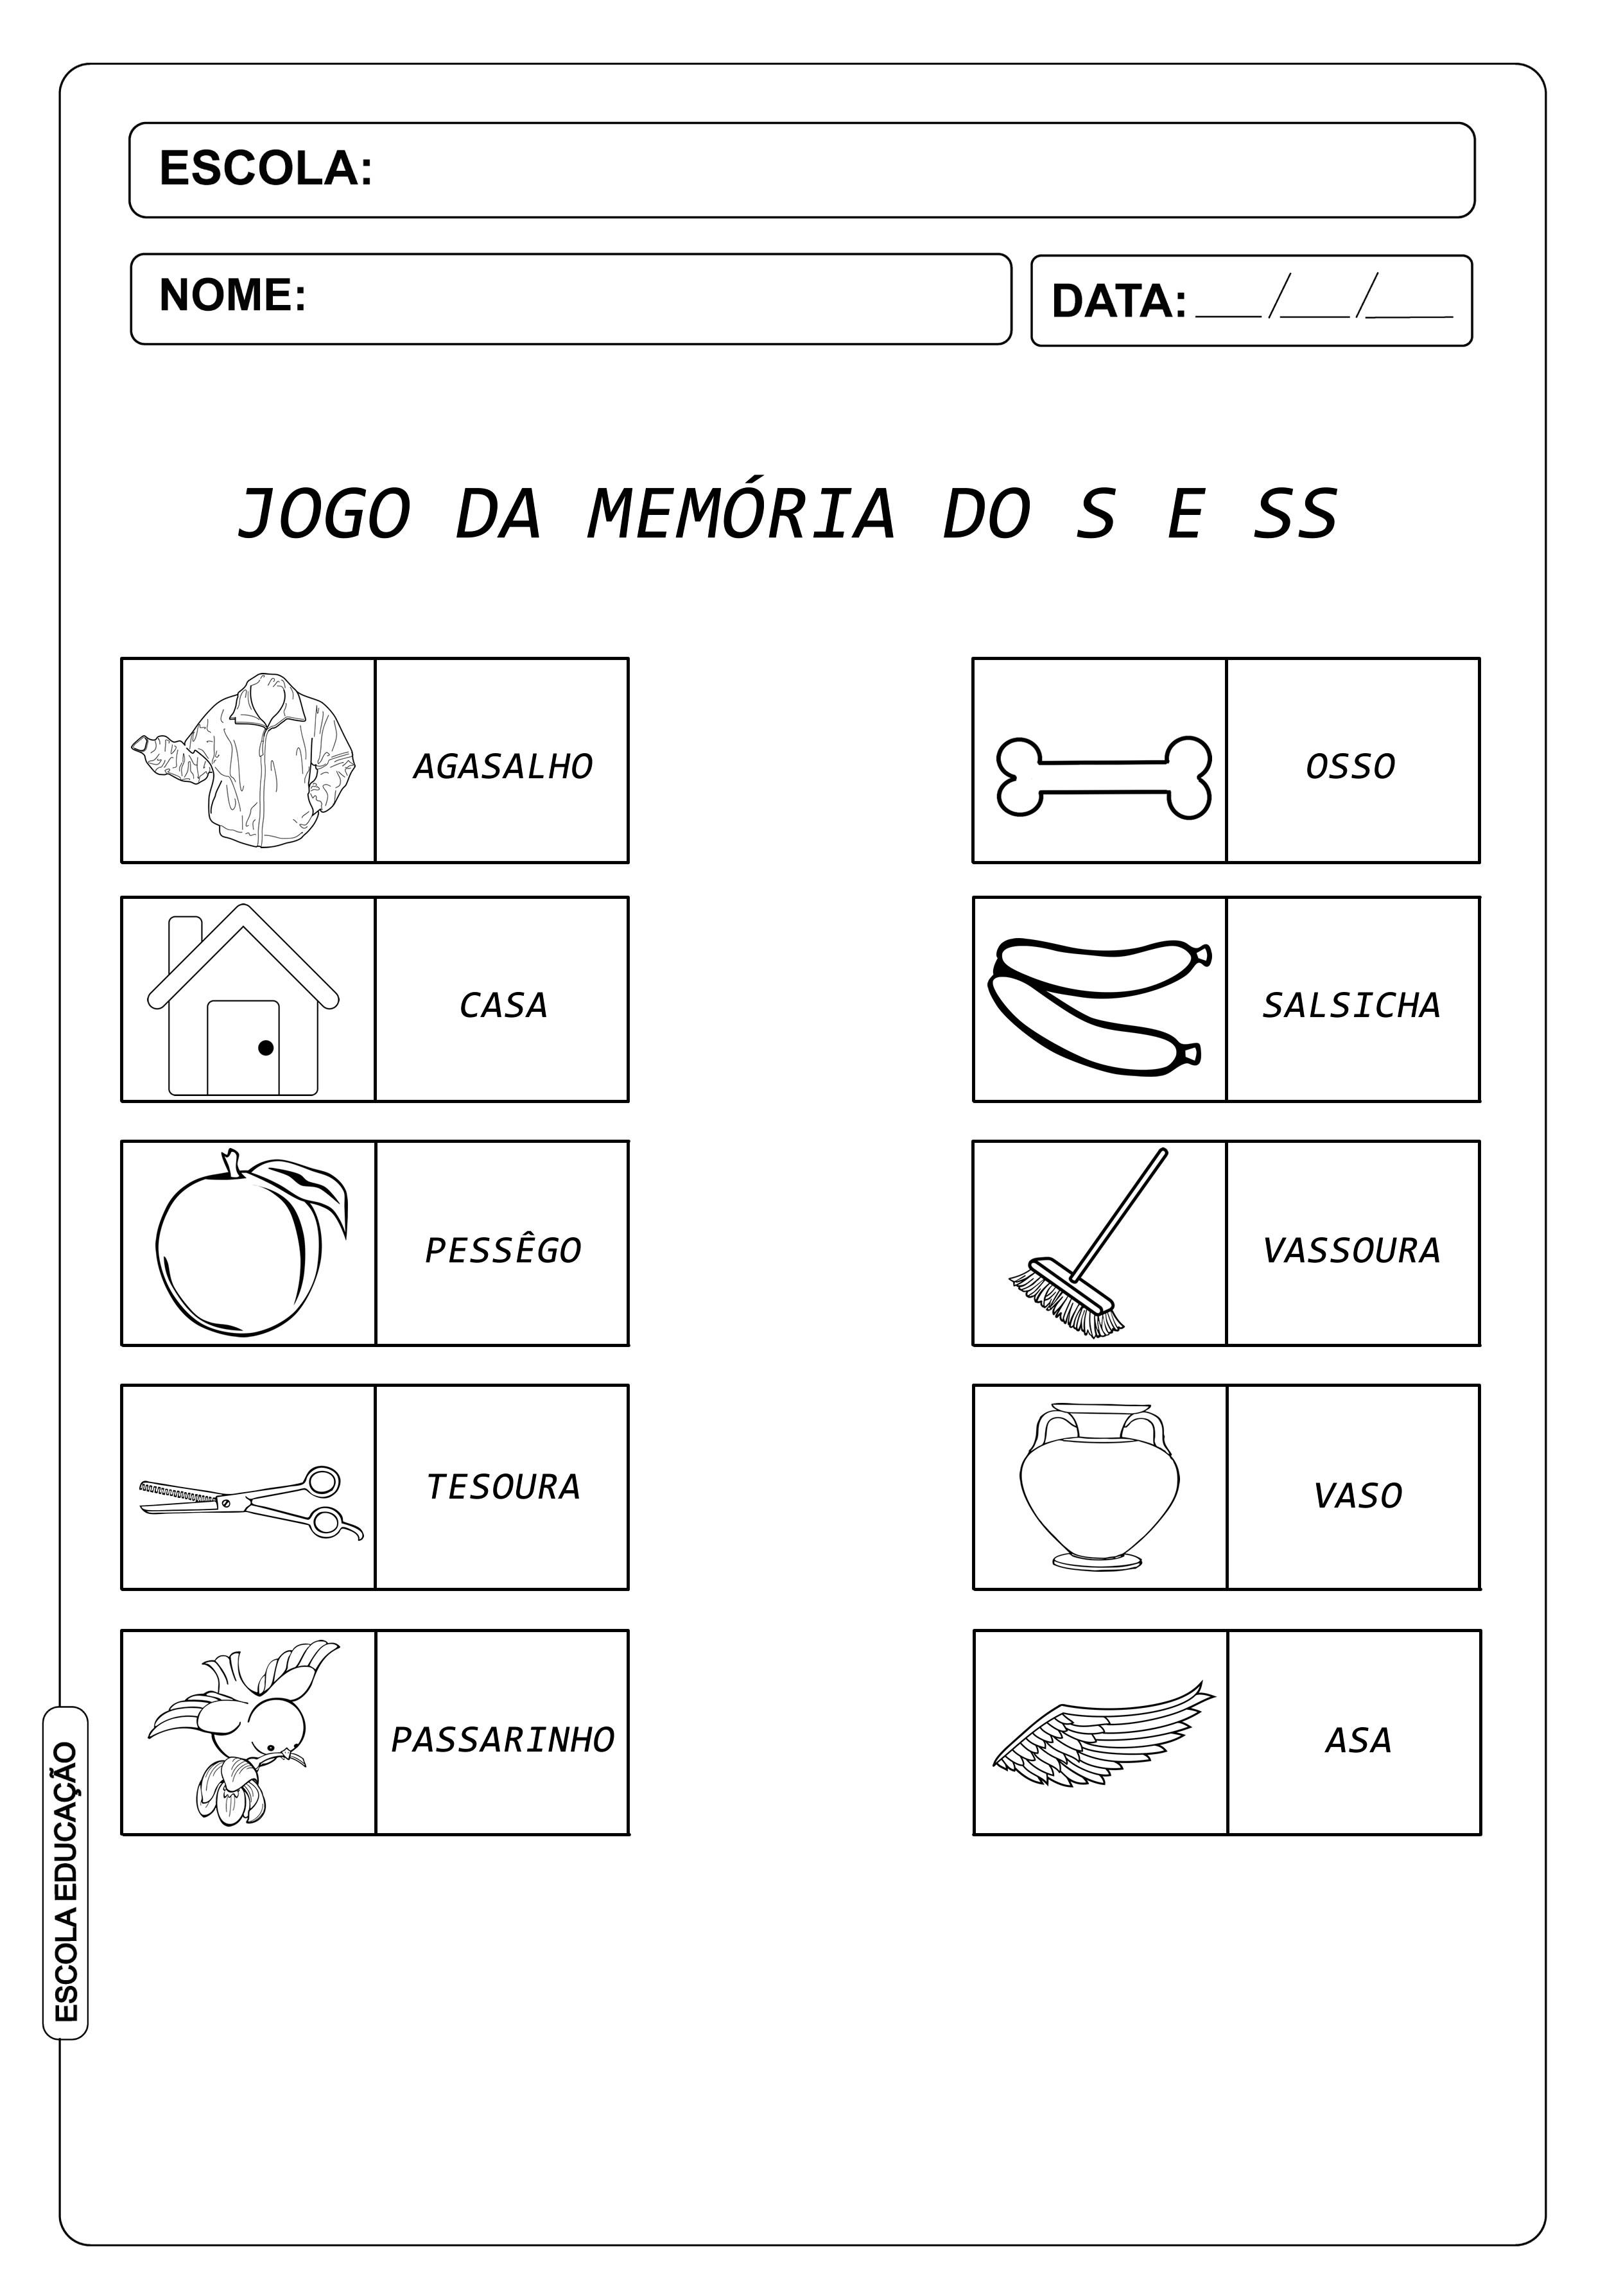 Atividades com S e SS – Encontre a palavra correta e seu respectivo desenho através do jogo da memória